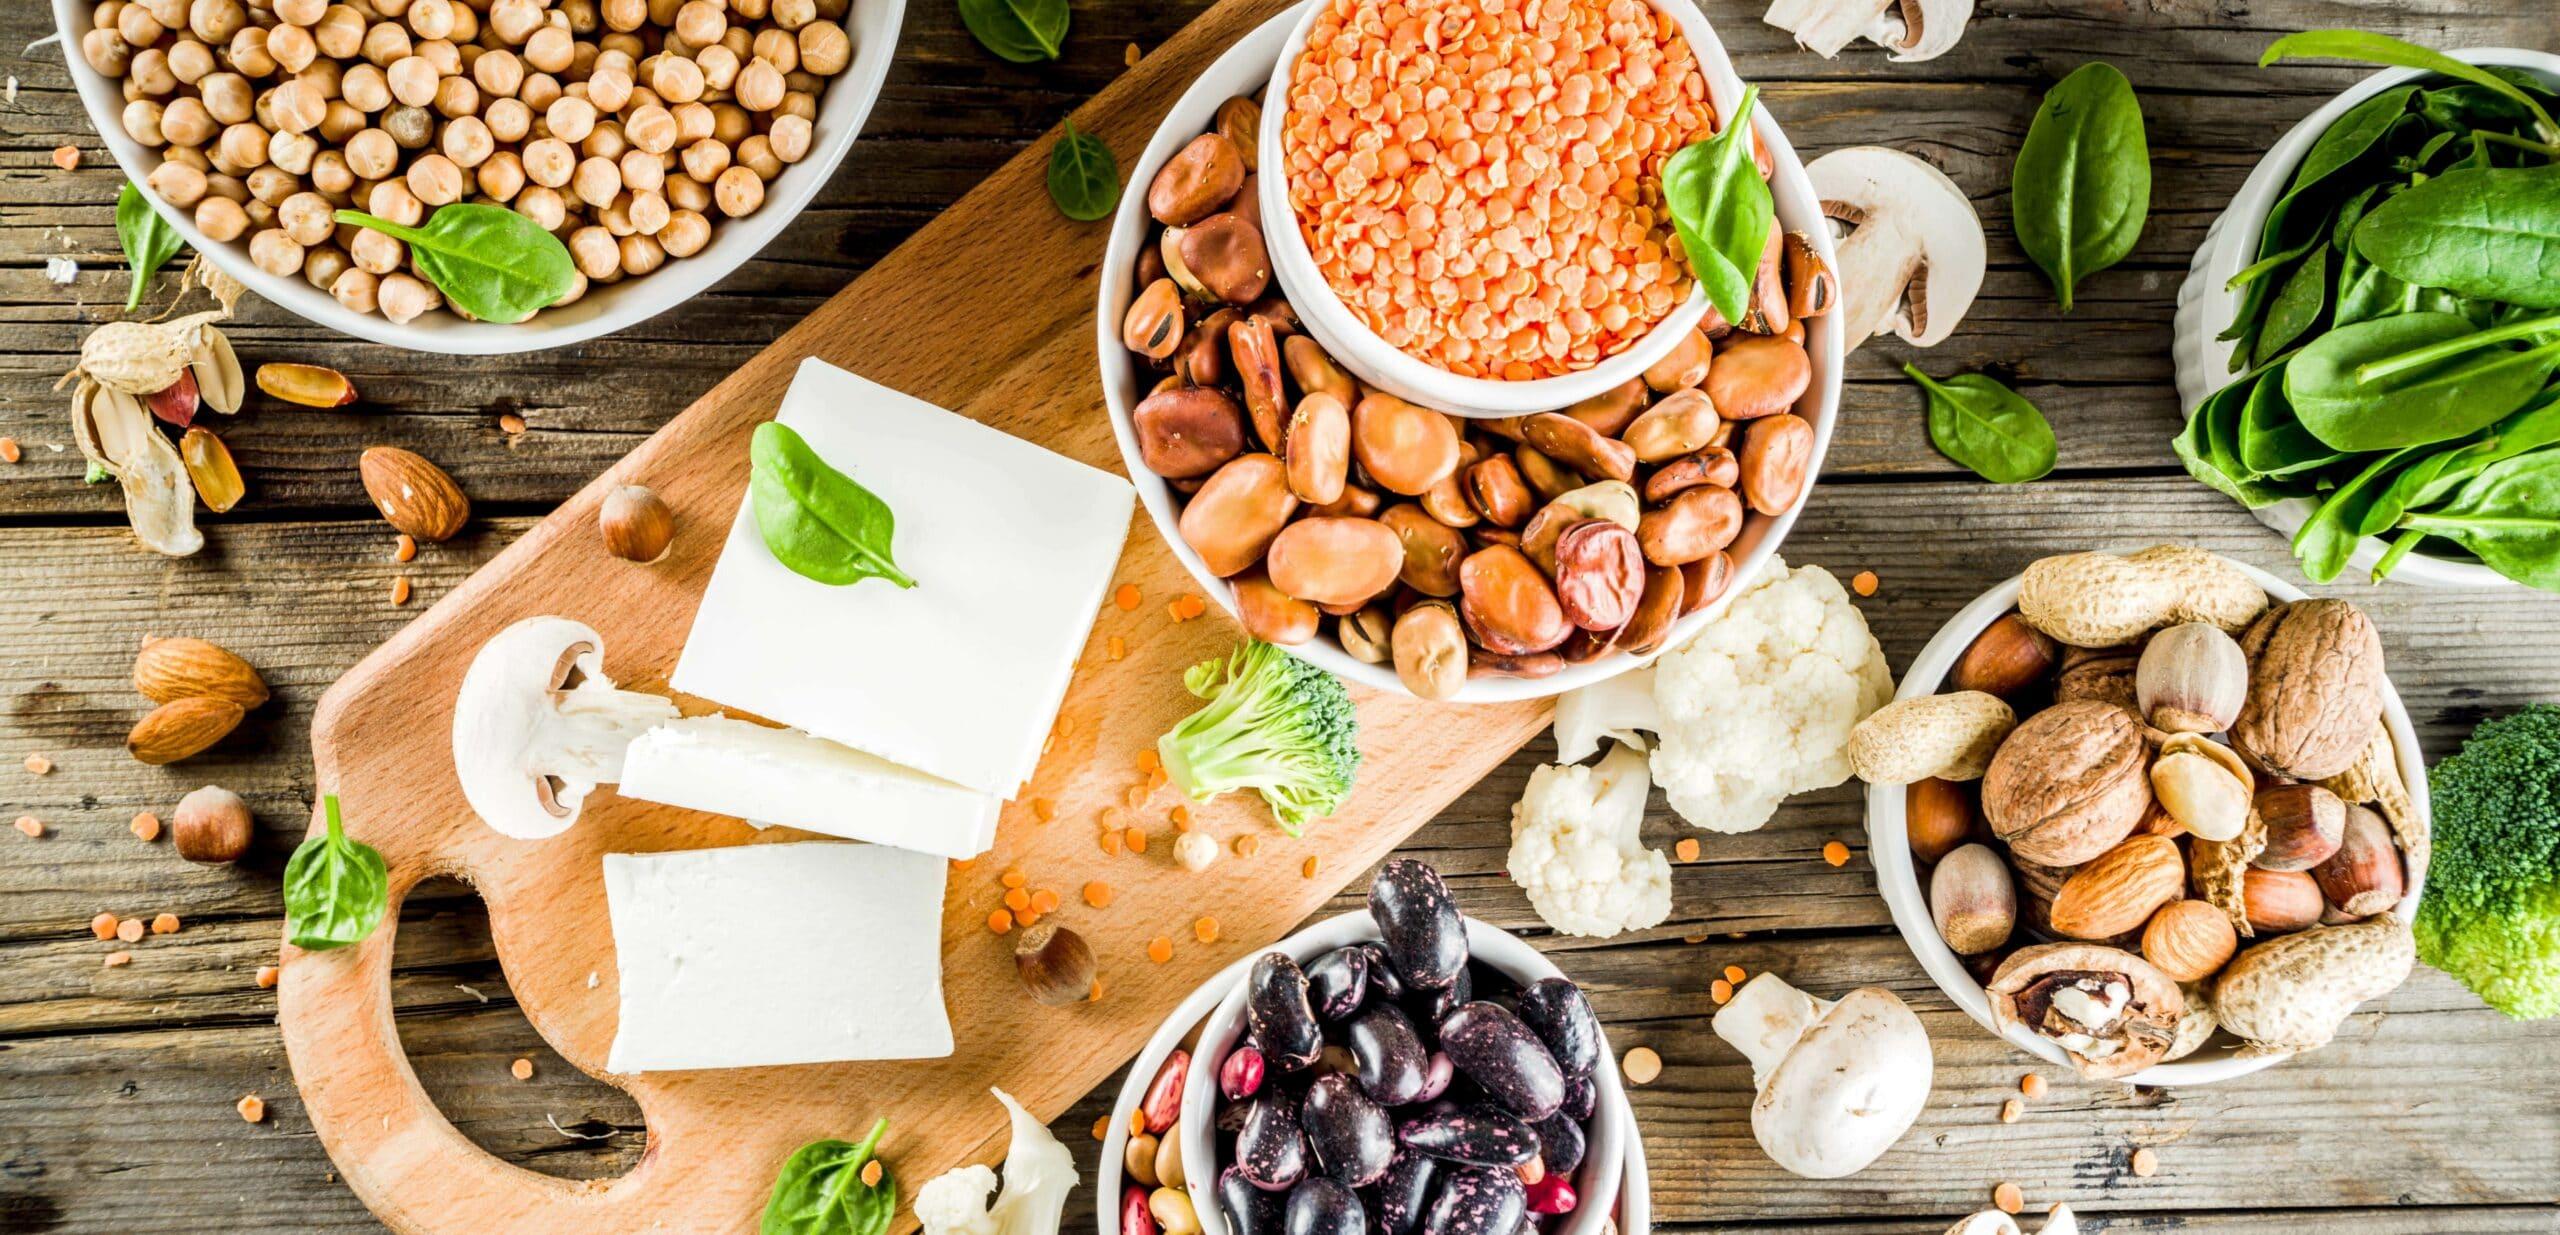 proteine magre e cibi proteici con pochi grassi nella dieta